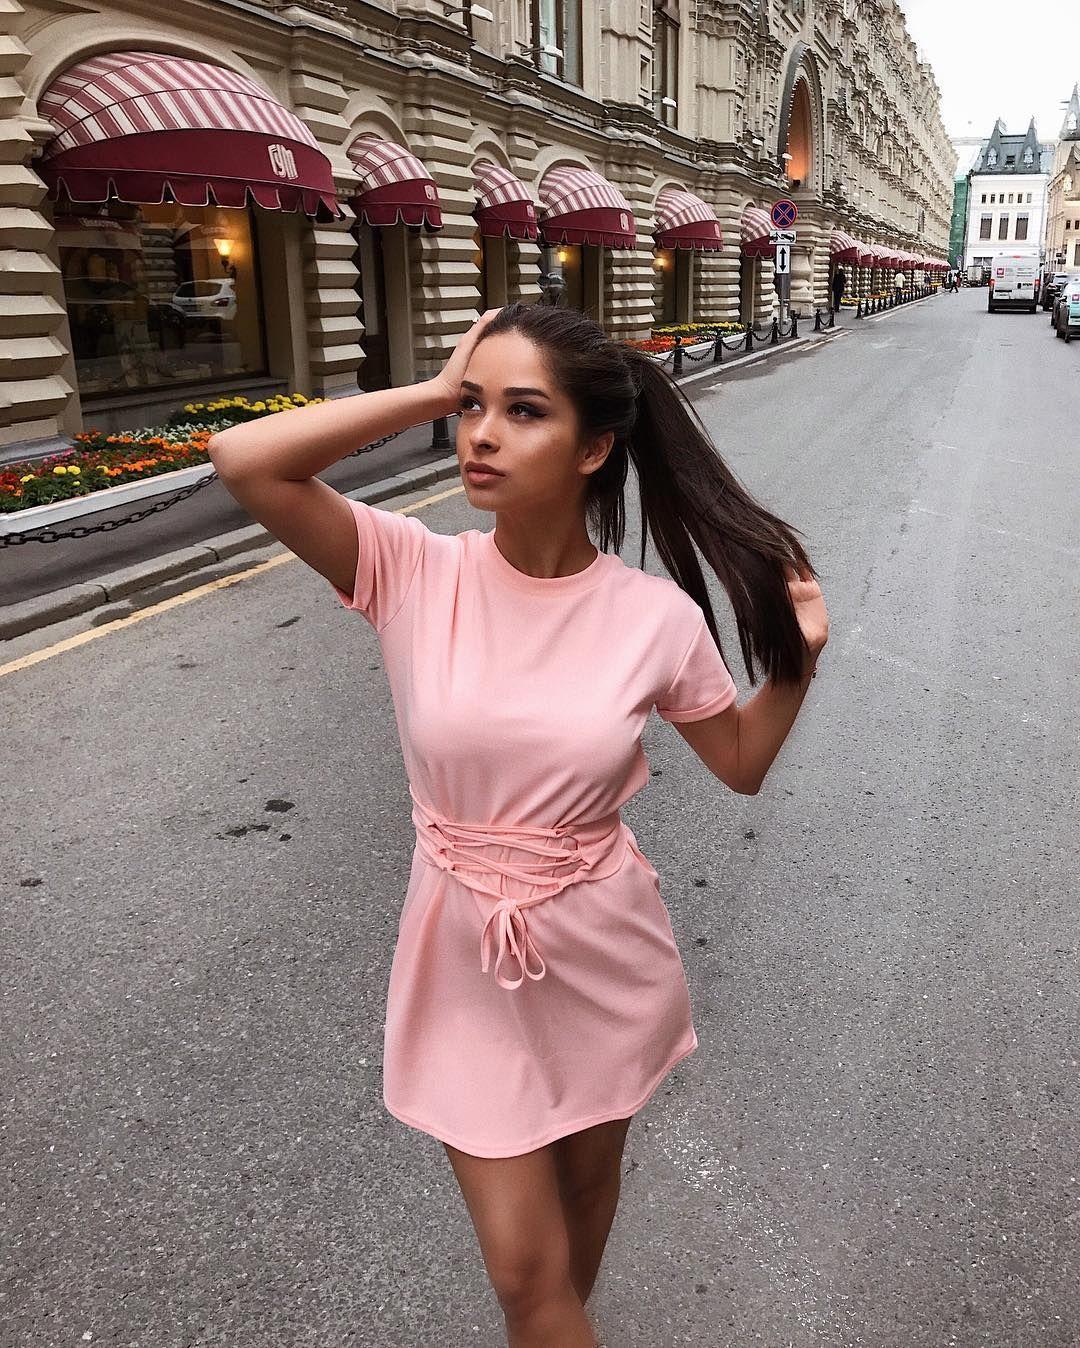 Инстаграмм платья ставрополь